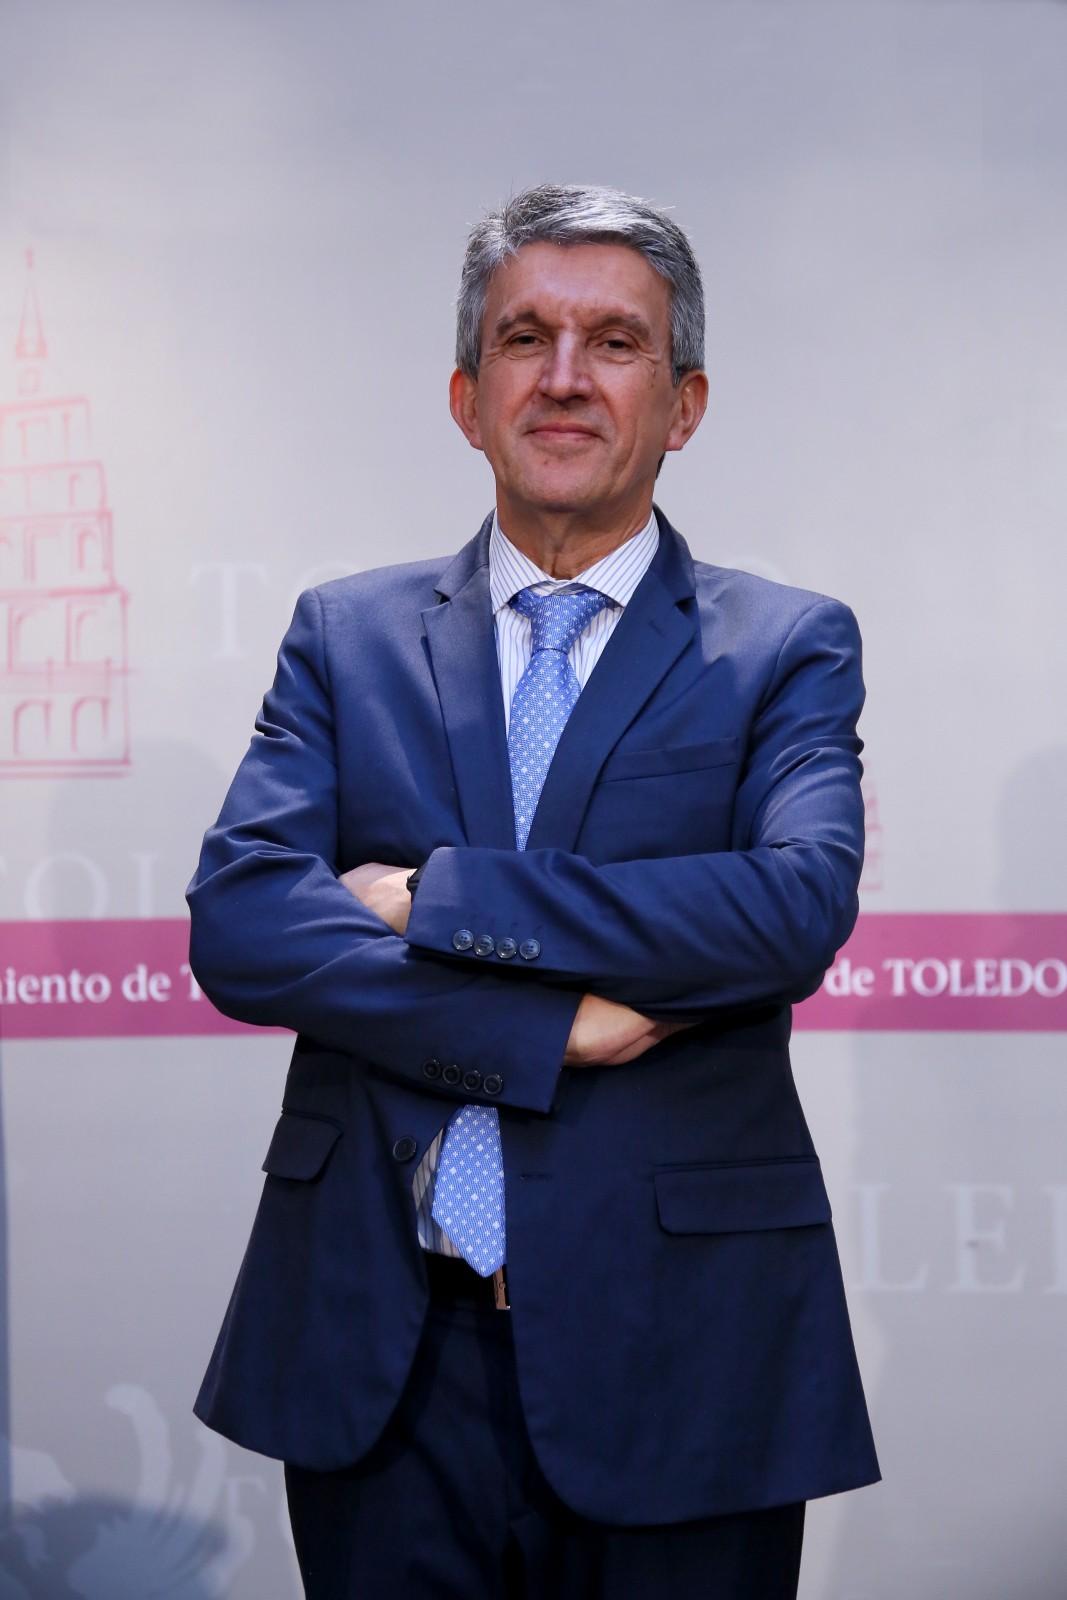 José Pablo Sabrido Fernández